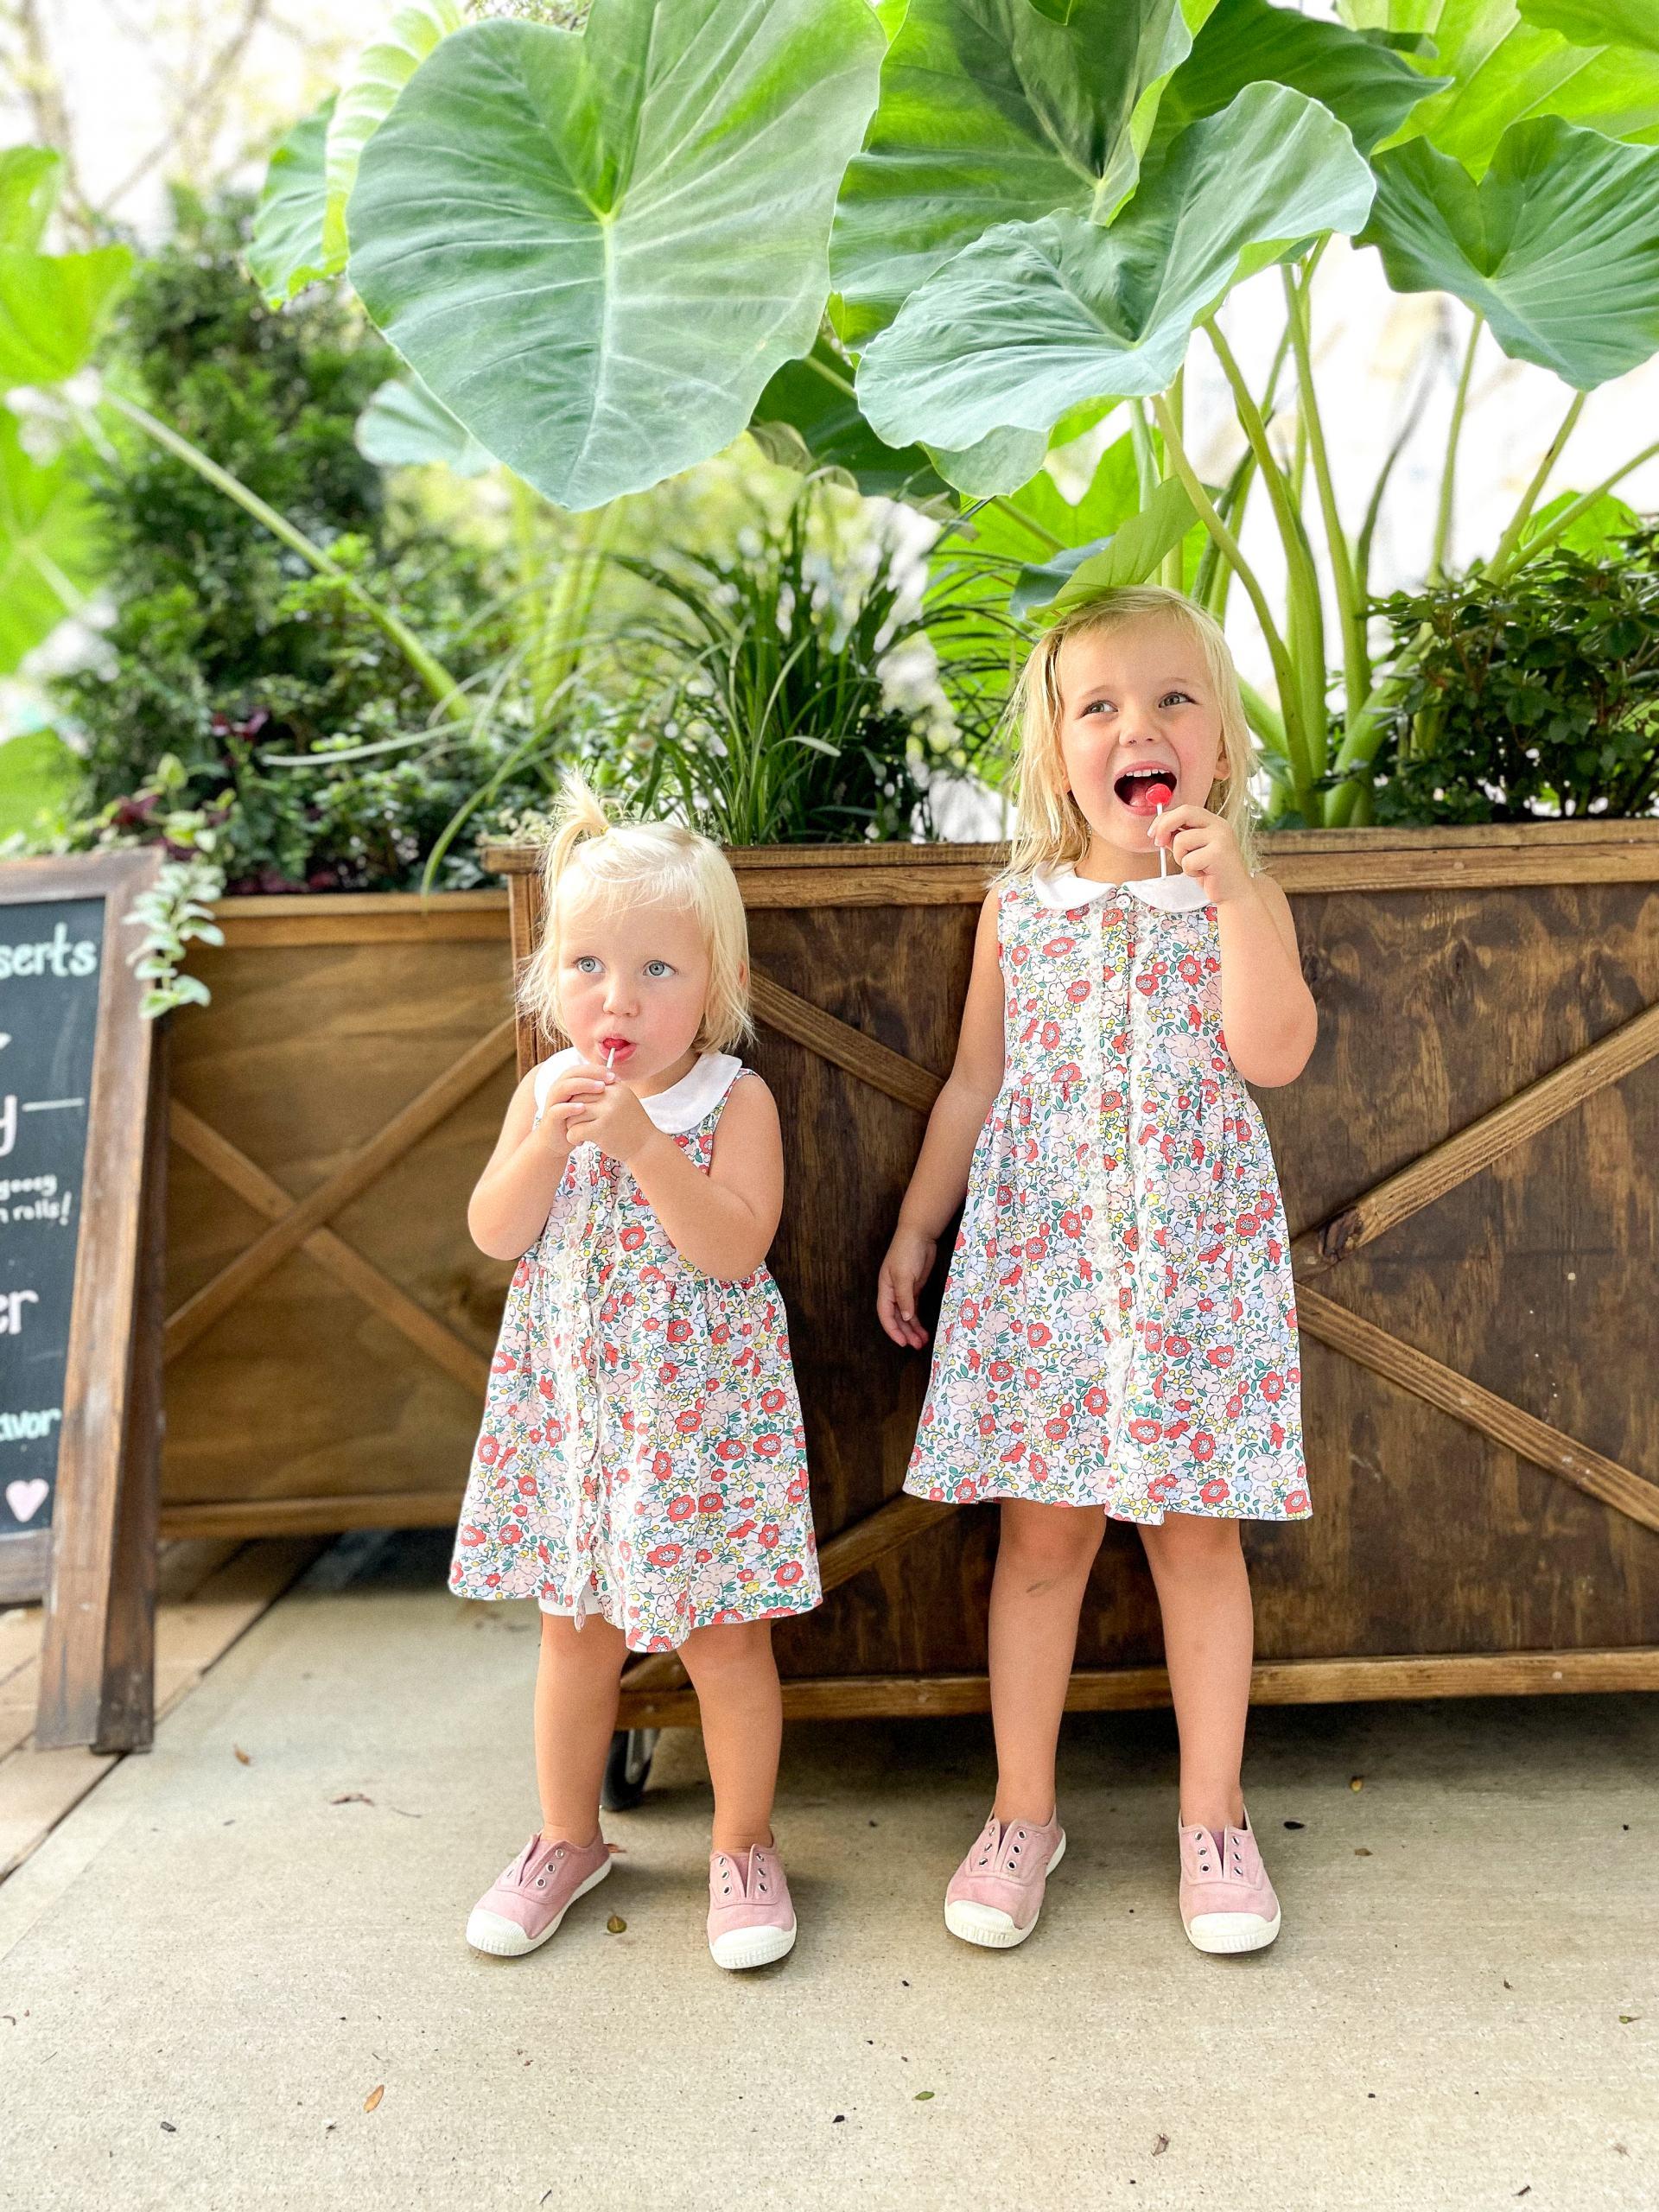 amazon dresses for little girls